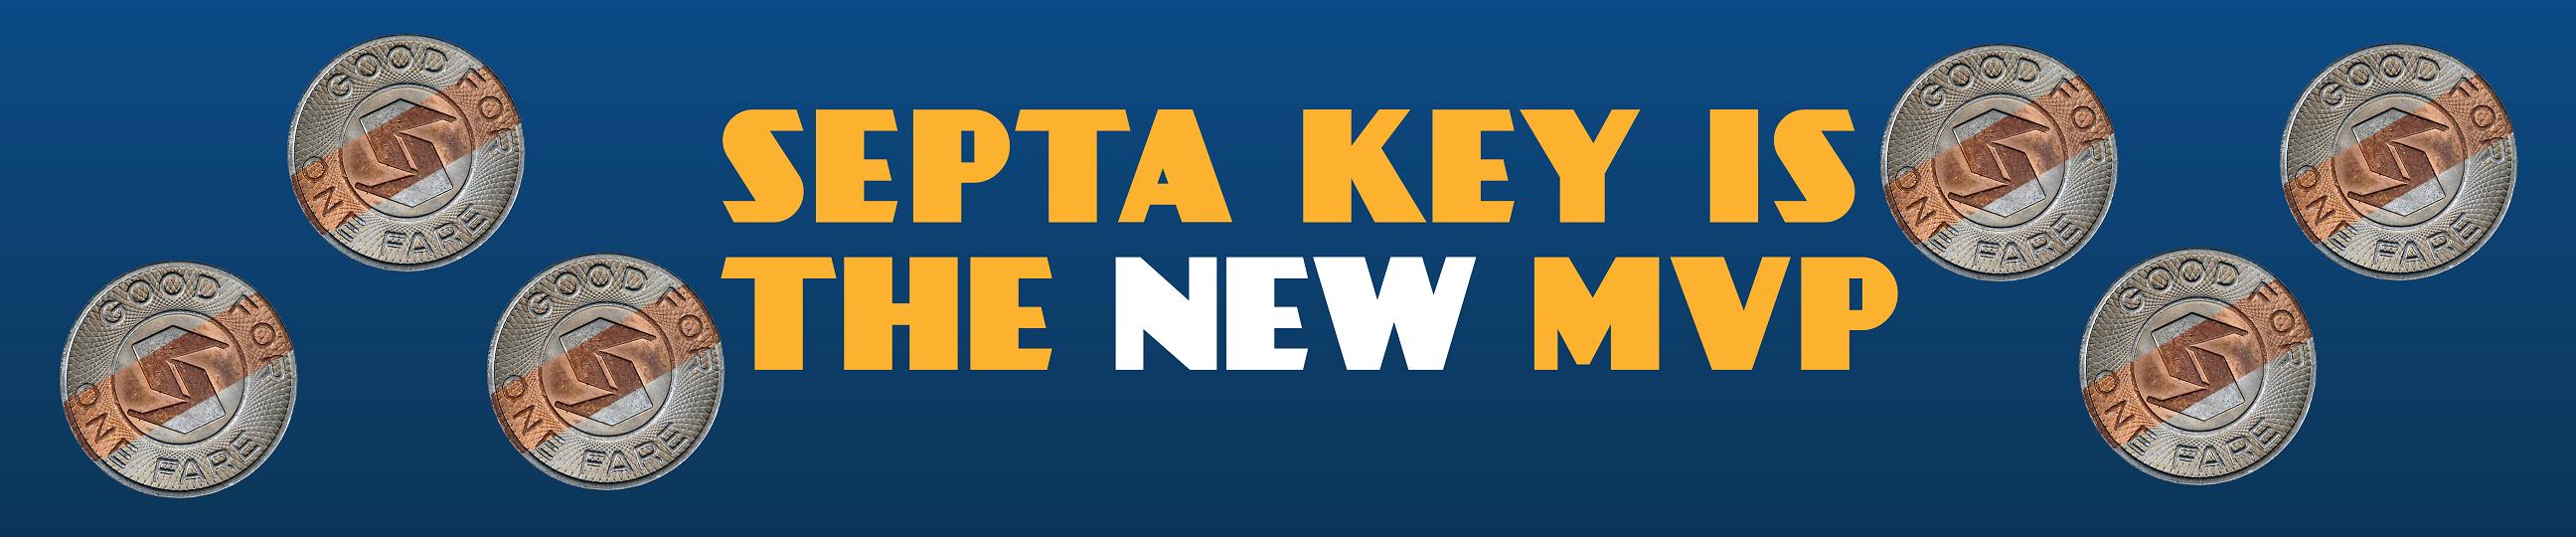 Tokens key header 2592x540 12.20.17 01